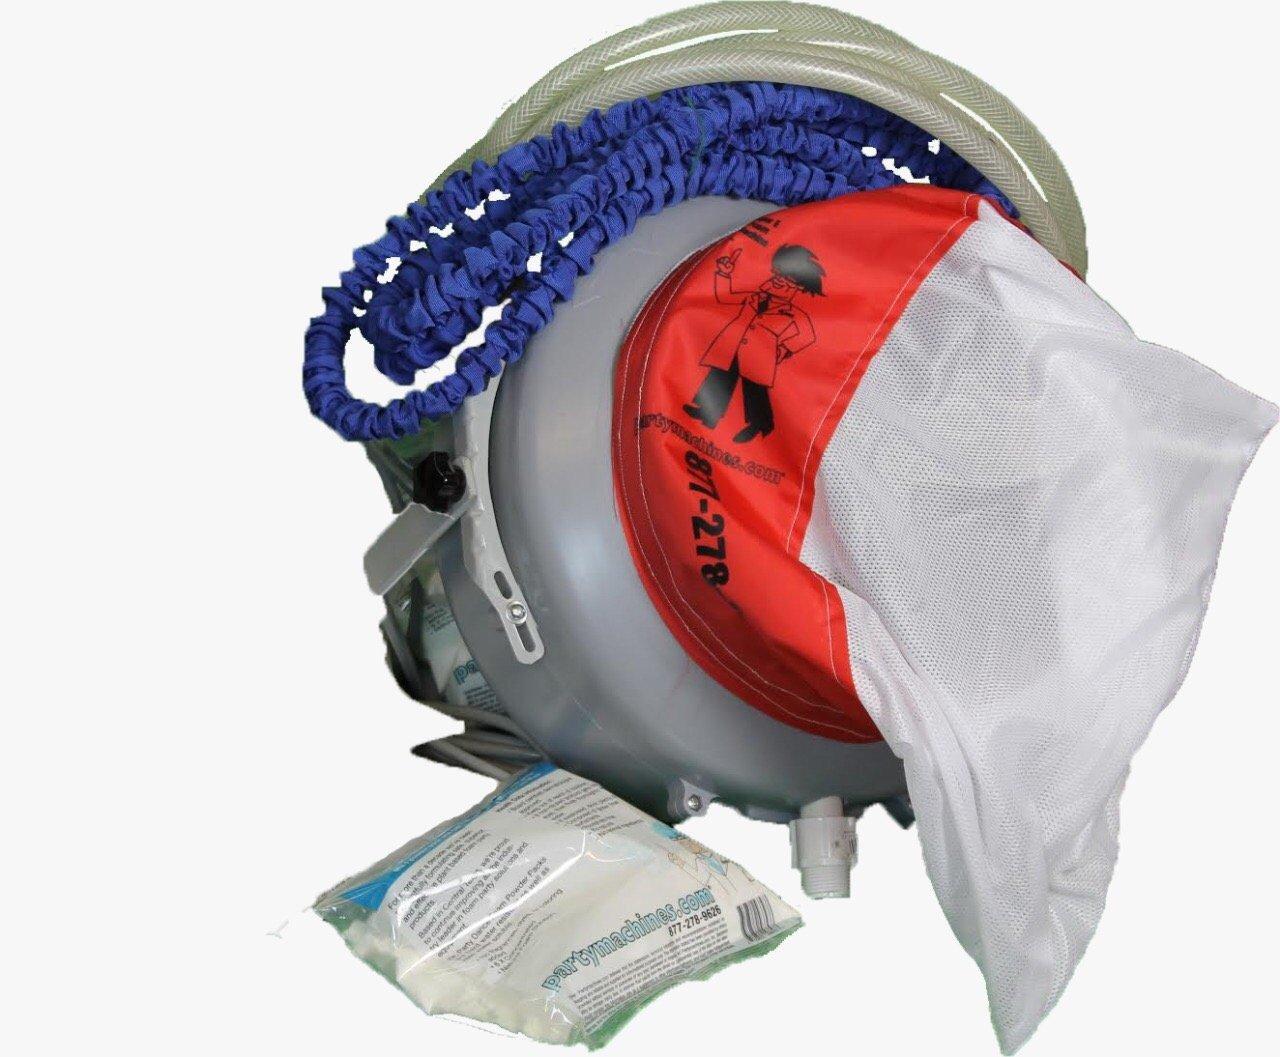 Foam Party Super E Foam Machine with Siphon, hoses, & Foam Powder Pack